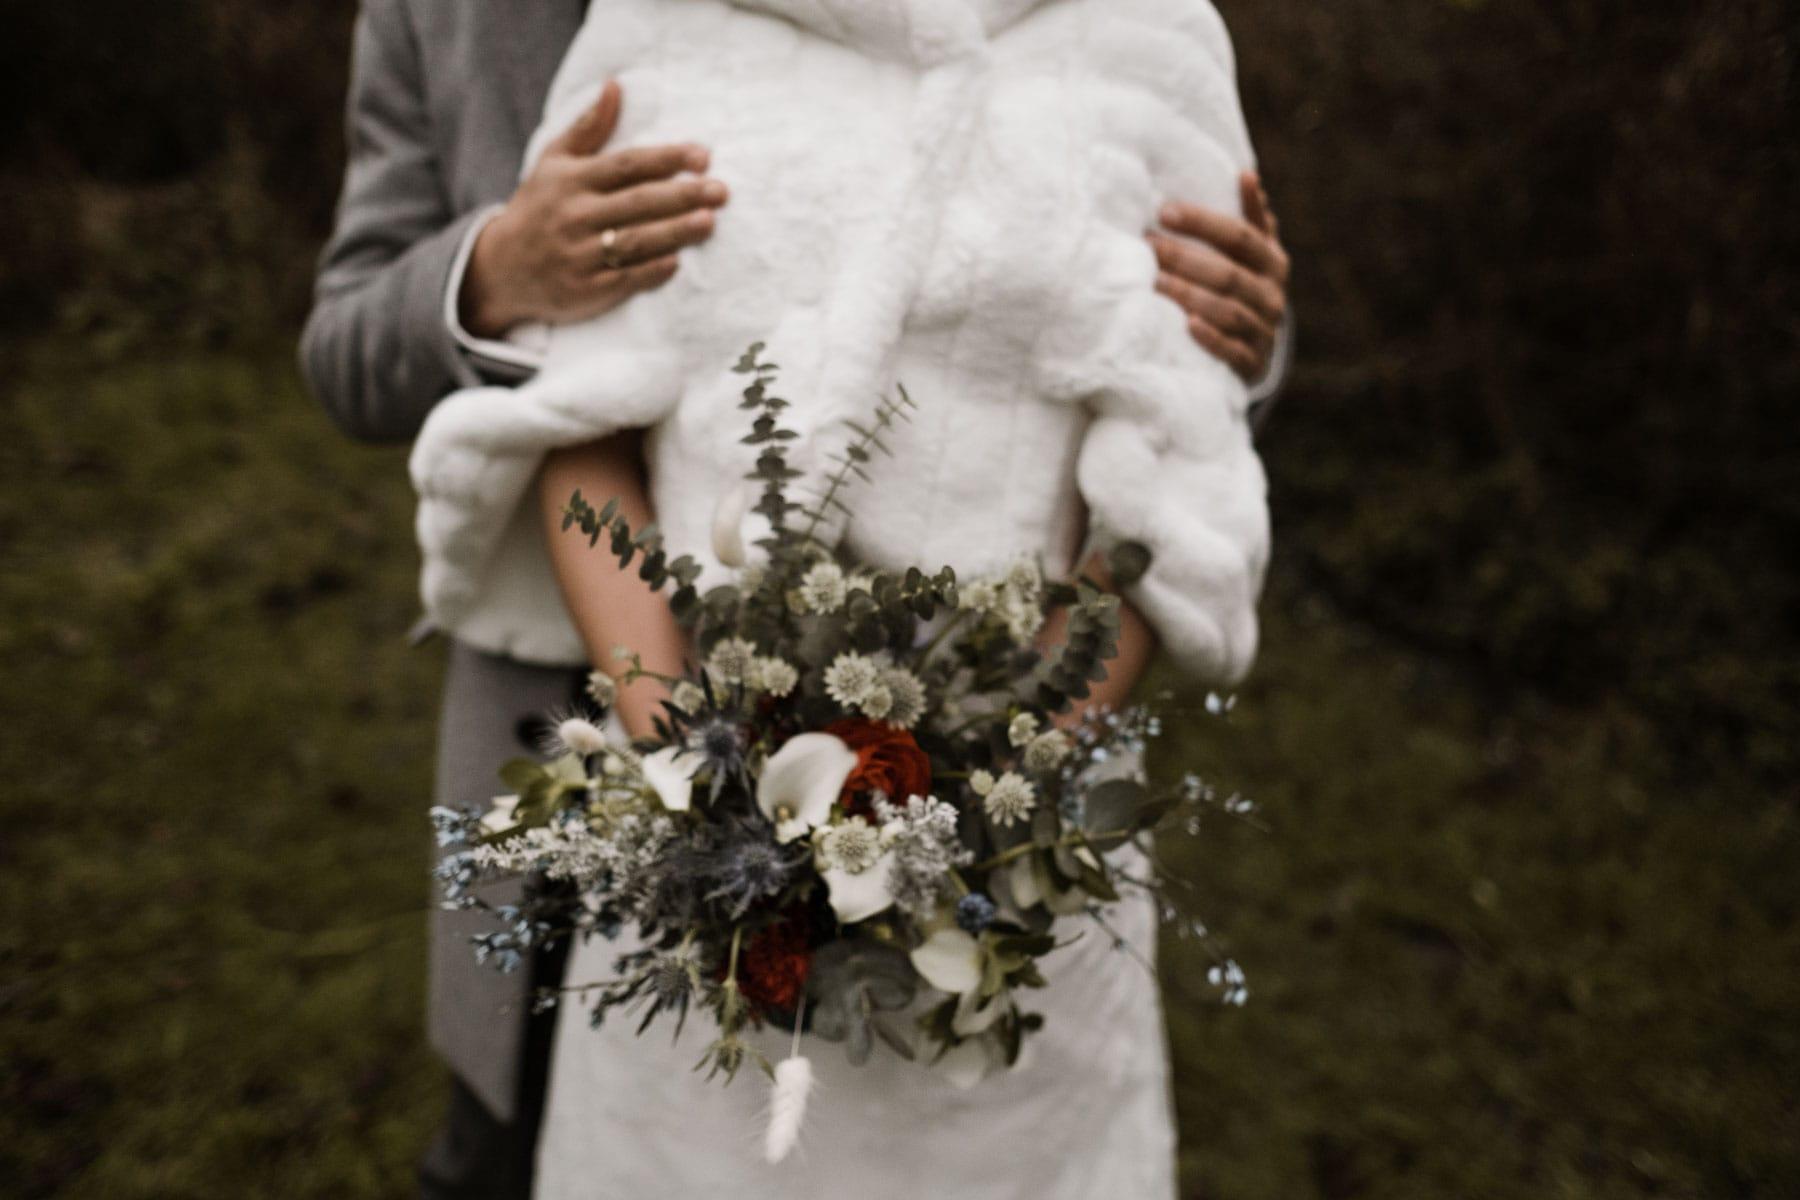 die Braut trägt in weißes, langes Brautkleid und darüber einen weißen Pelzumhang, sie hält in den Händen einen großen Blumenstrauß, der Mann steht hinter ihr und hält seine Hände an ihre Oberarme